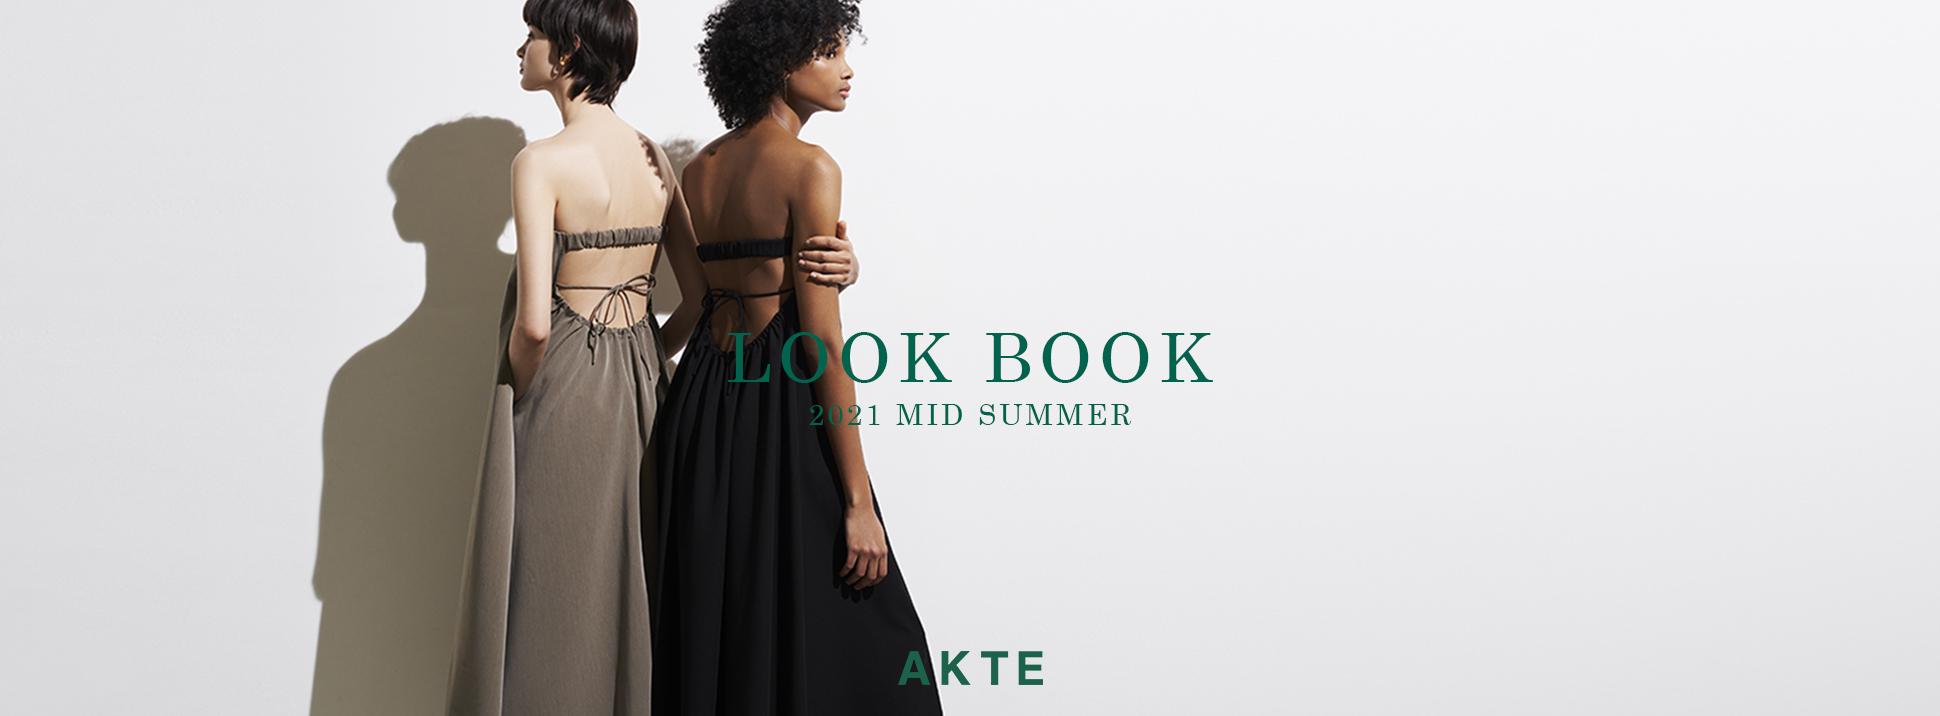 2021Mid Summer LOOKBOOK